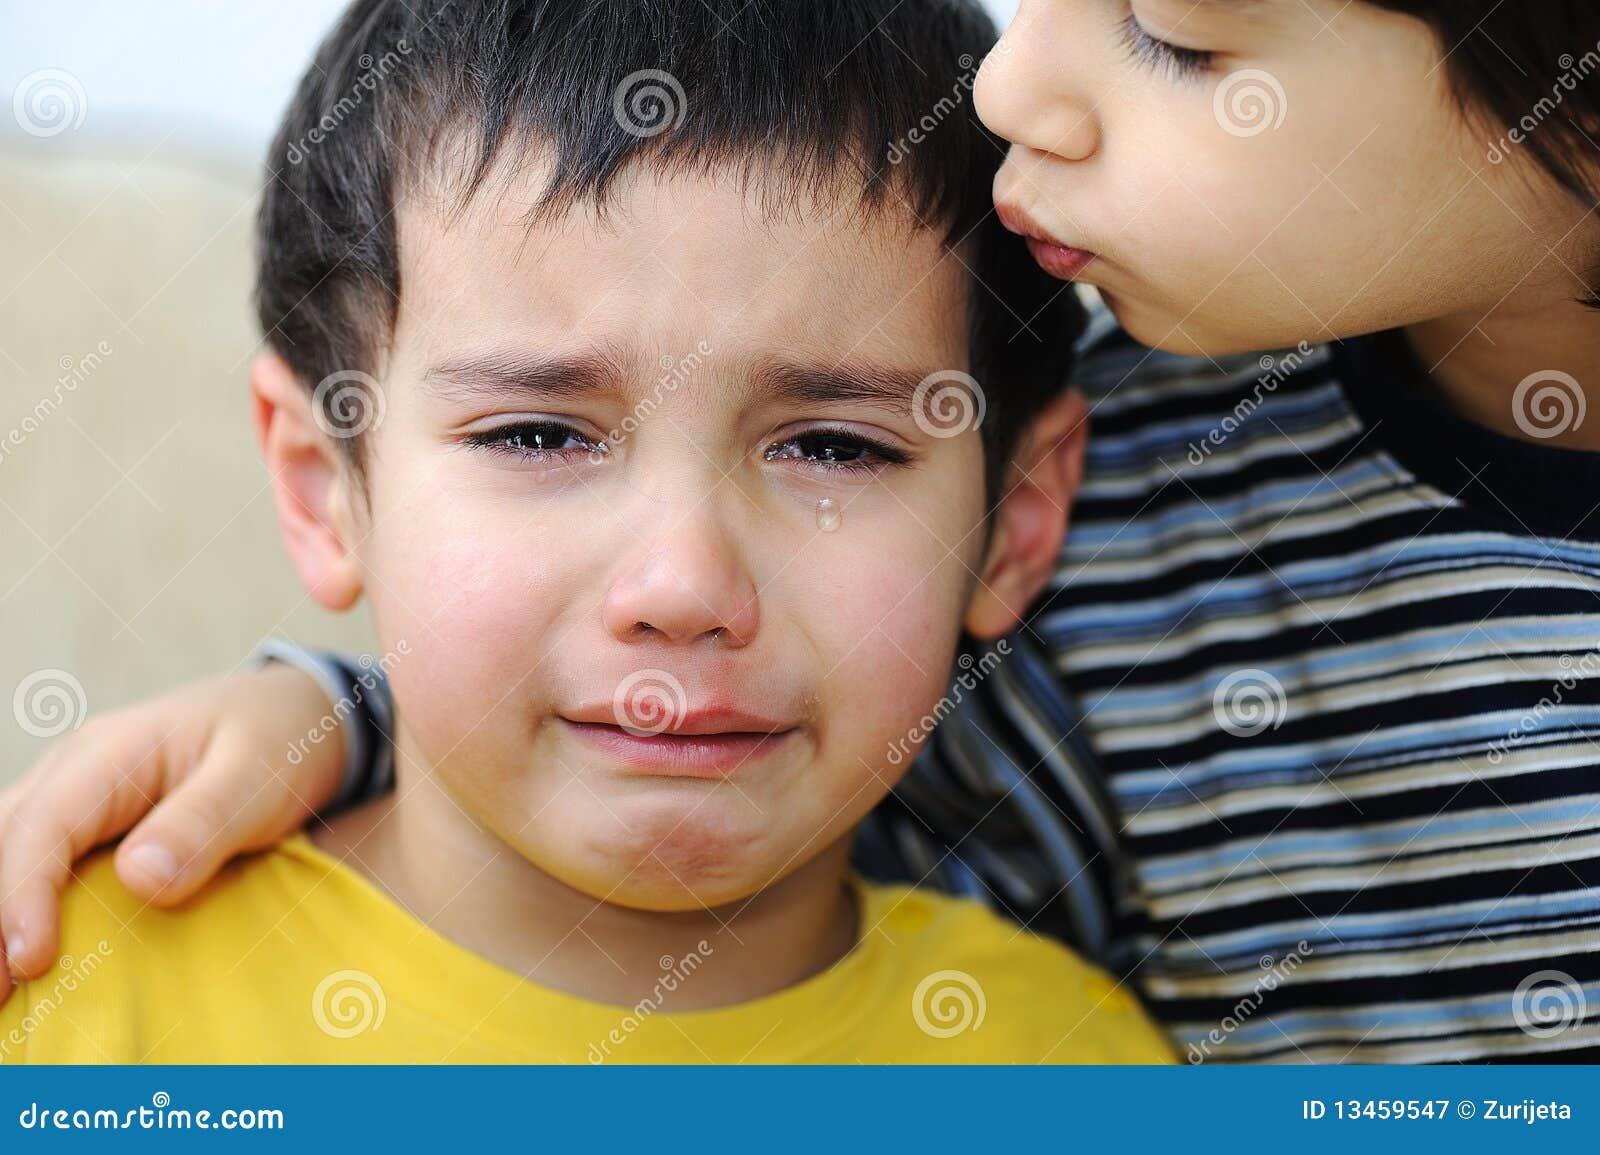 Schreiendes Kind, emotionale Szene